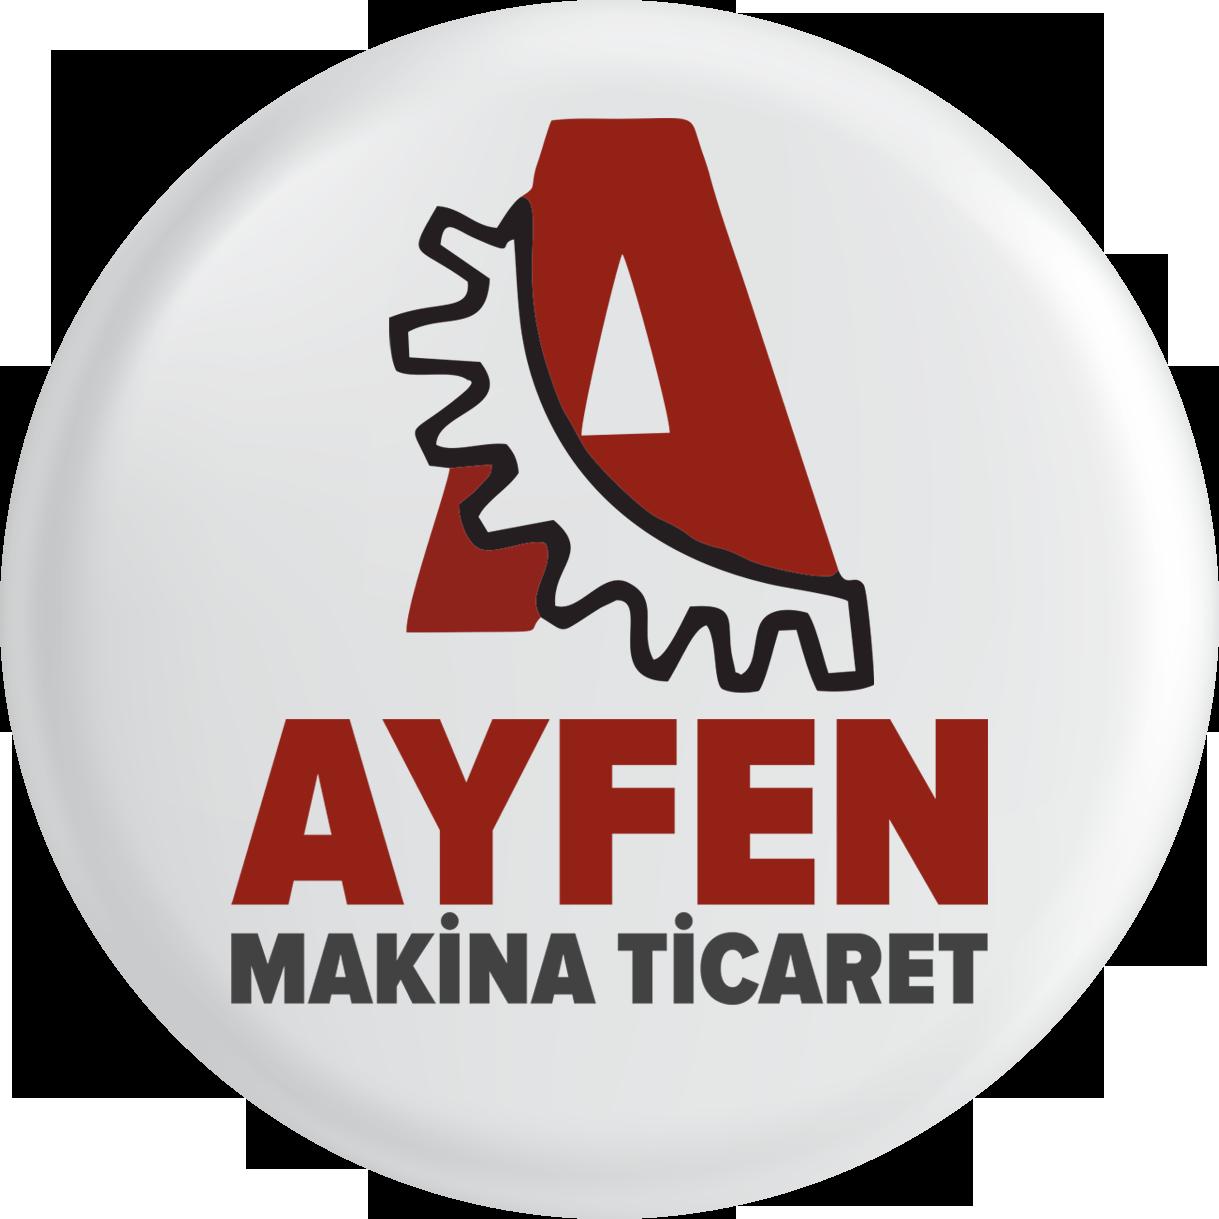 AYFEN MACHINERY